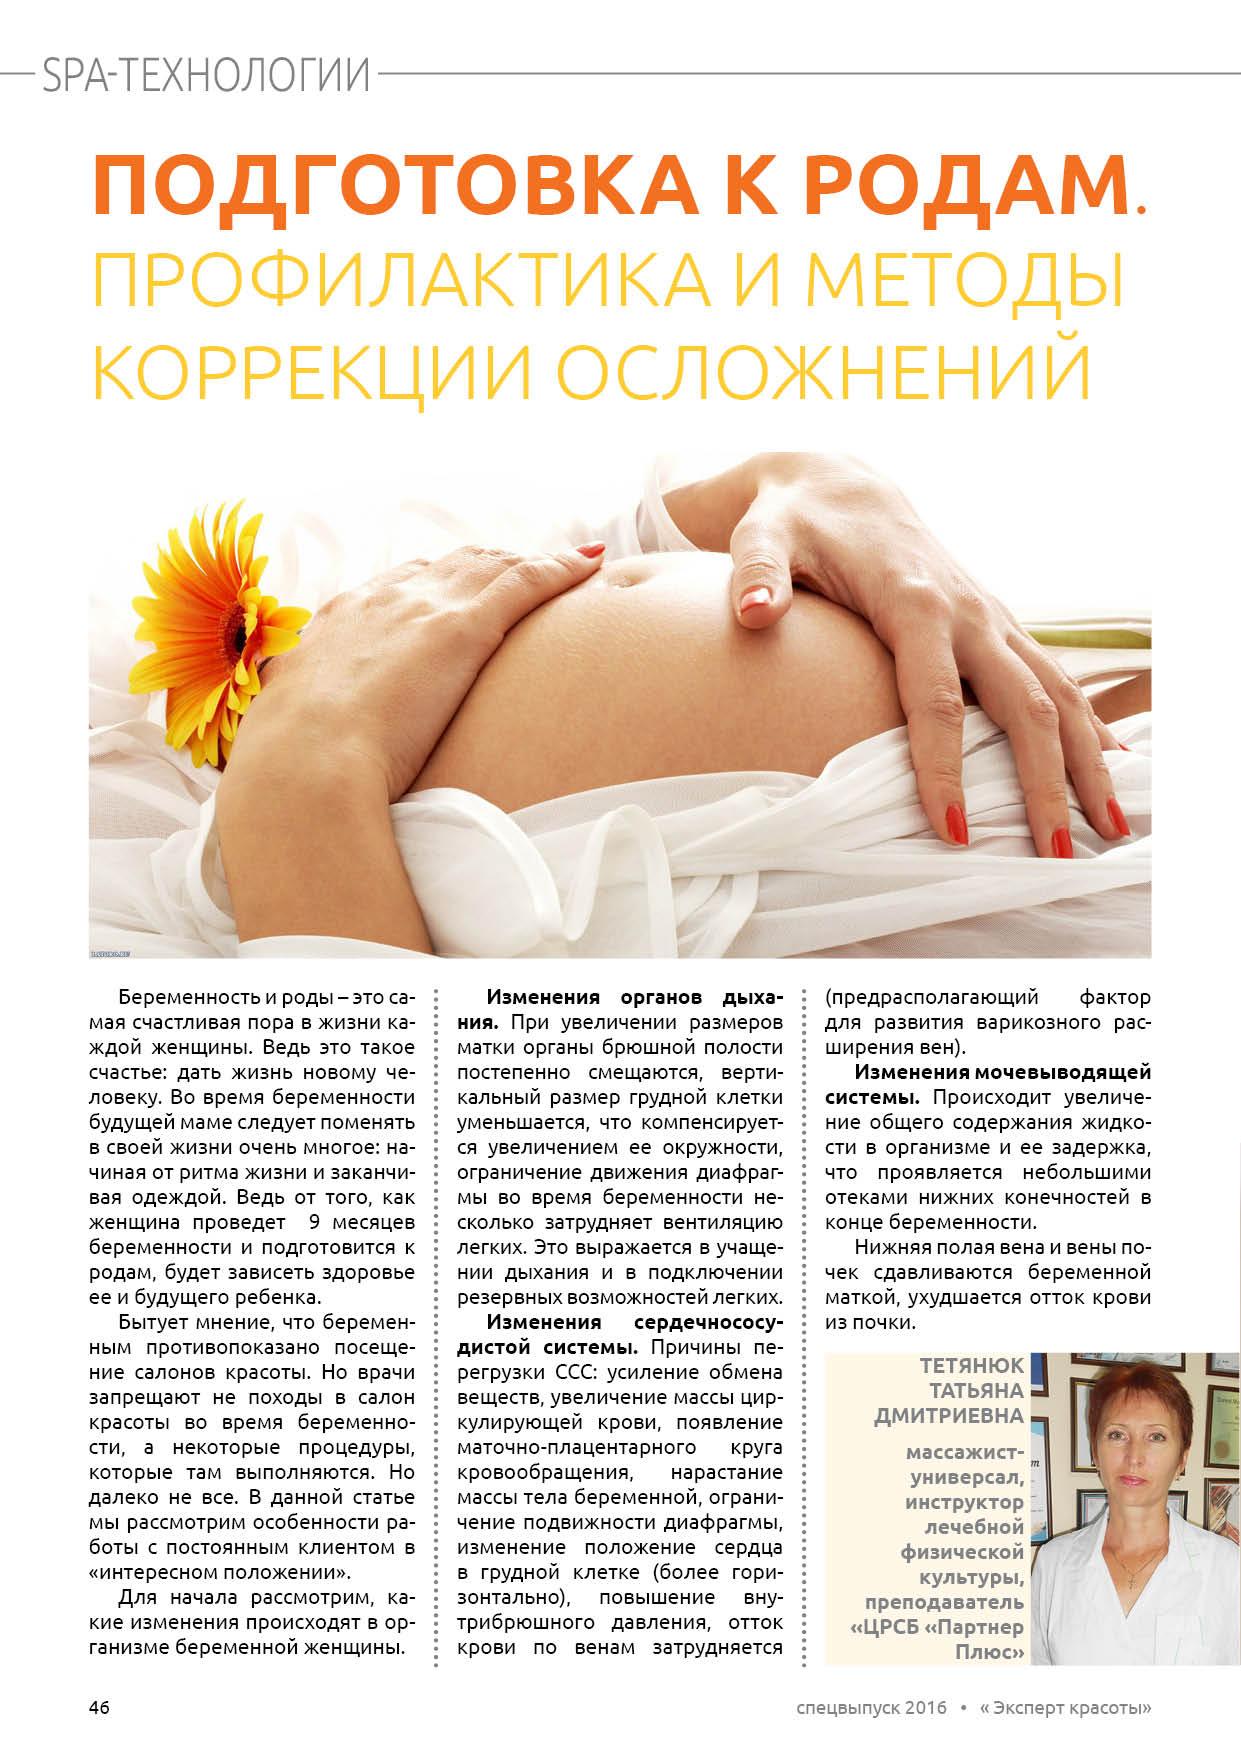 Фппп беременных в роды